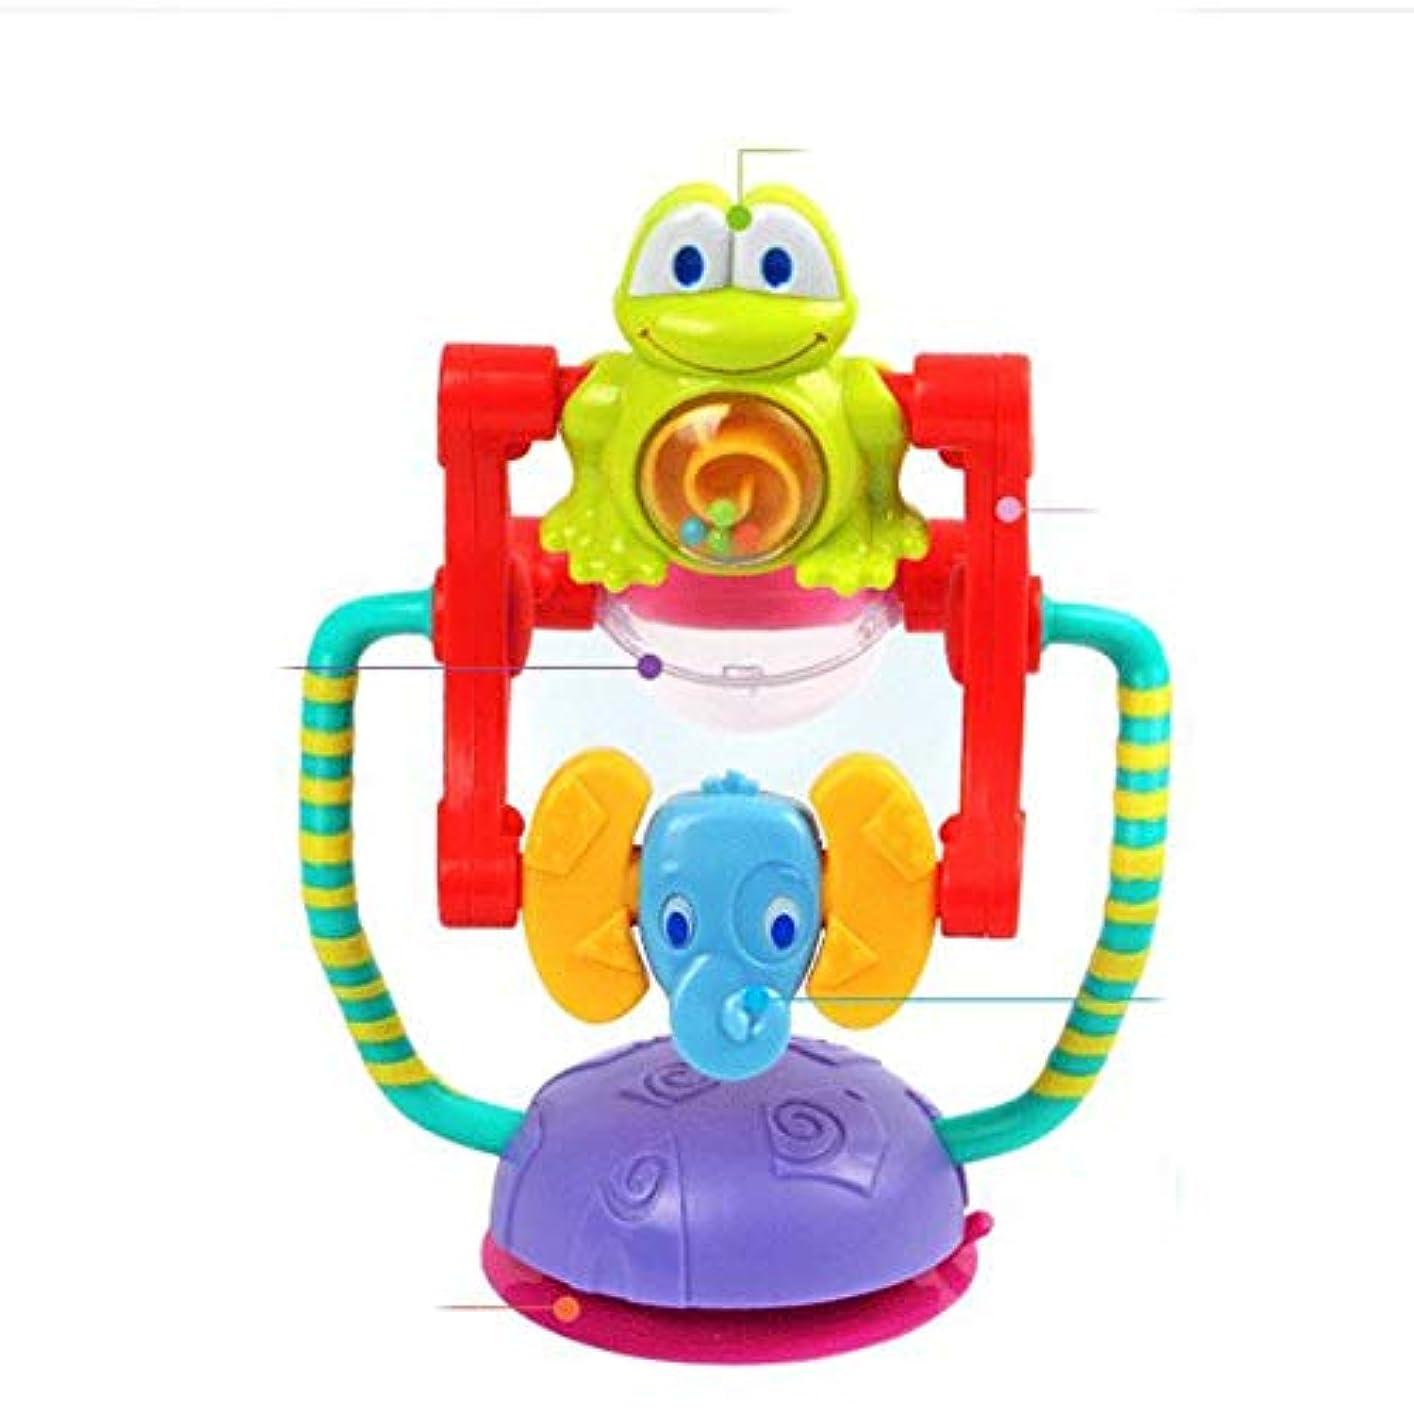 高い不正確レオナルドダ動物の回転観覧車の赤ちゃんのトロリーのおもちゃの赤ちゃんのおもちゃ0-12ヶ月のBrinquedosパラベベホイールガラガラBebek Oyuncak-Multi-color-1サイズ